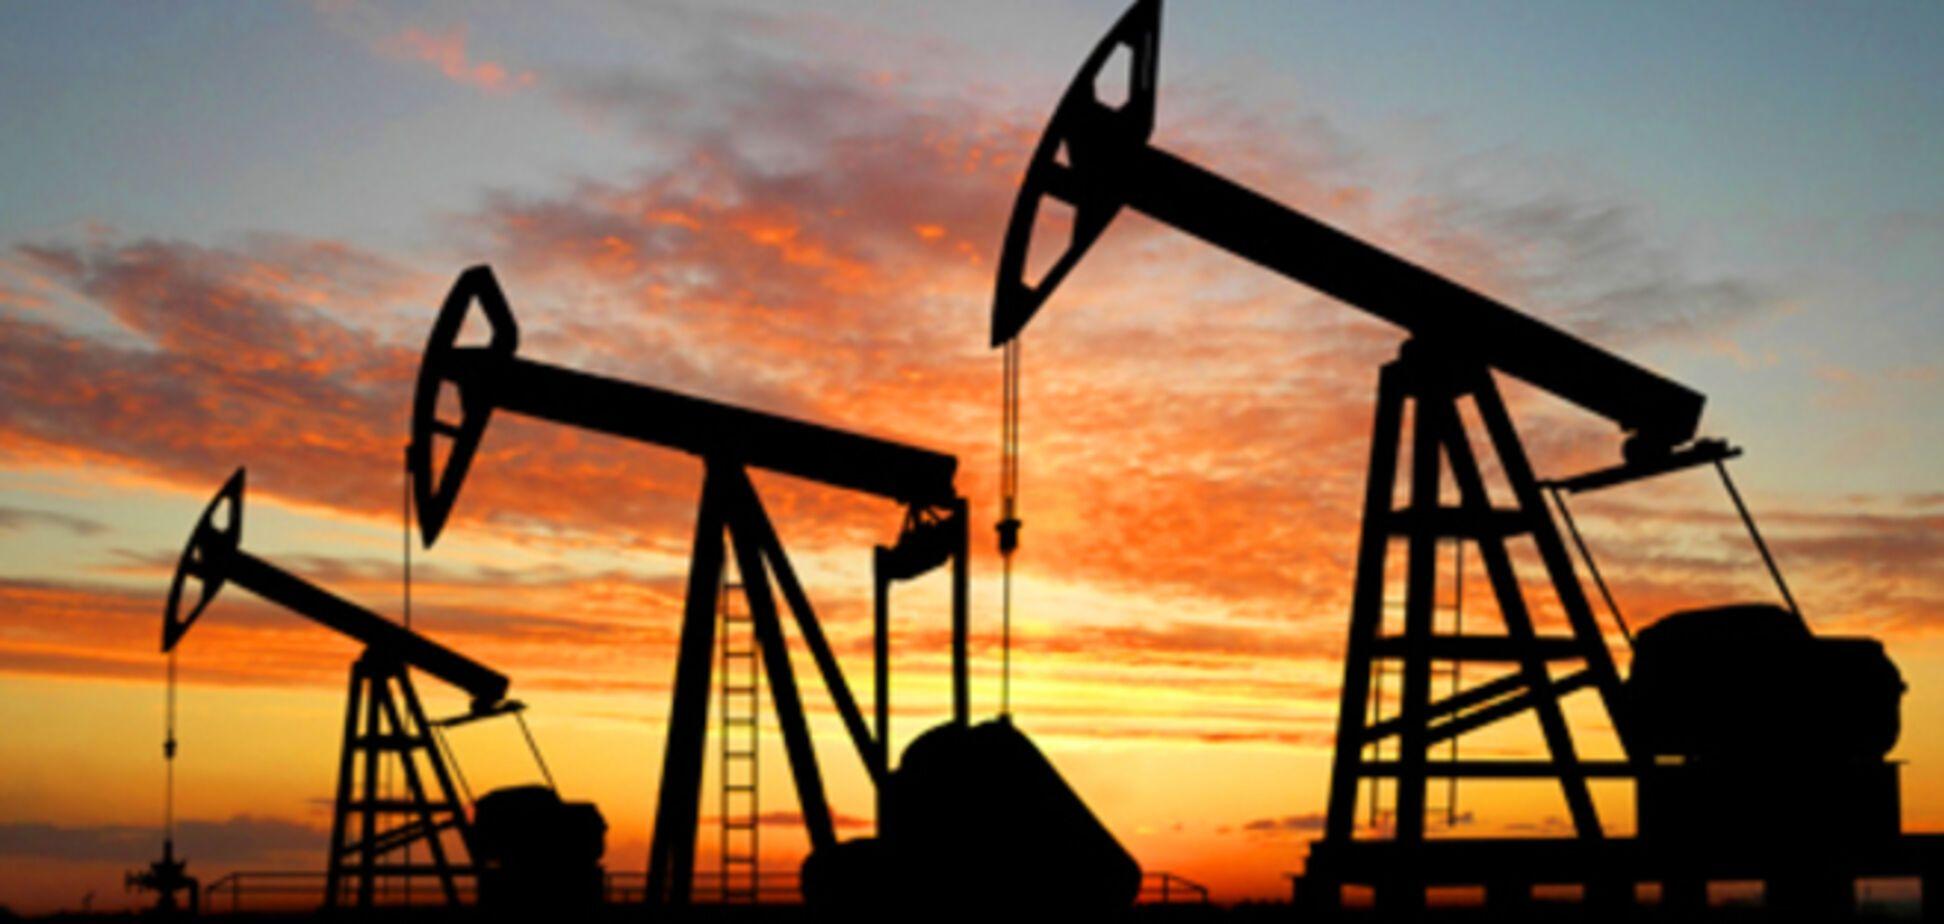 Мировой экономике выгодно падение цен на нефть